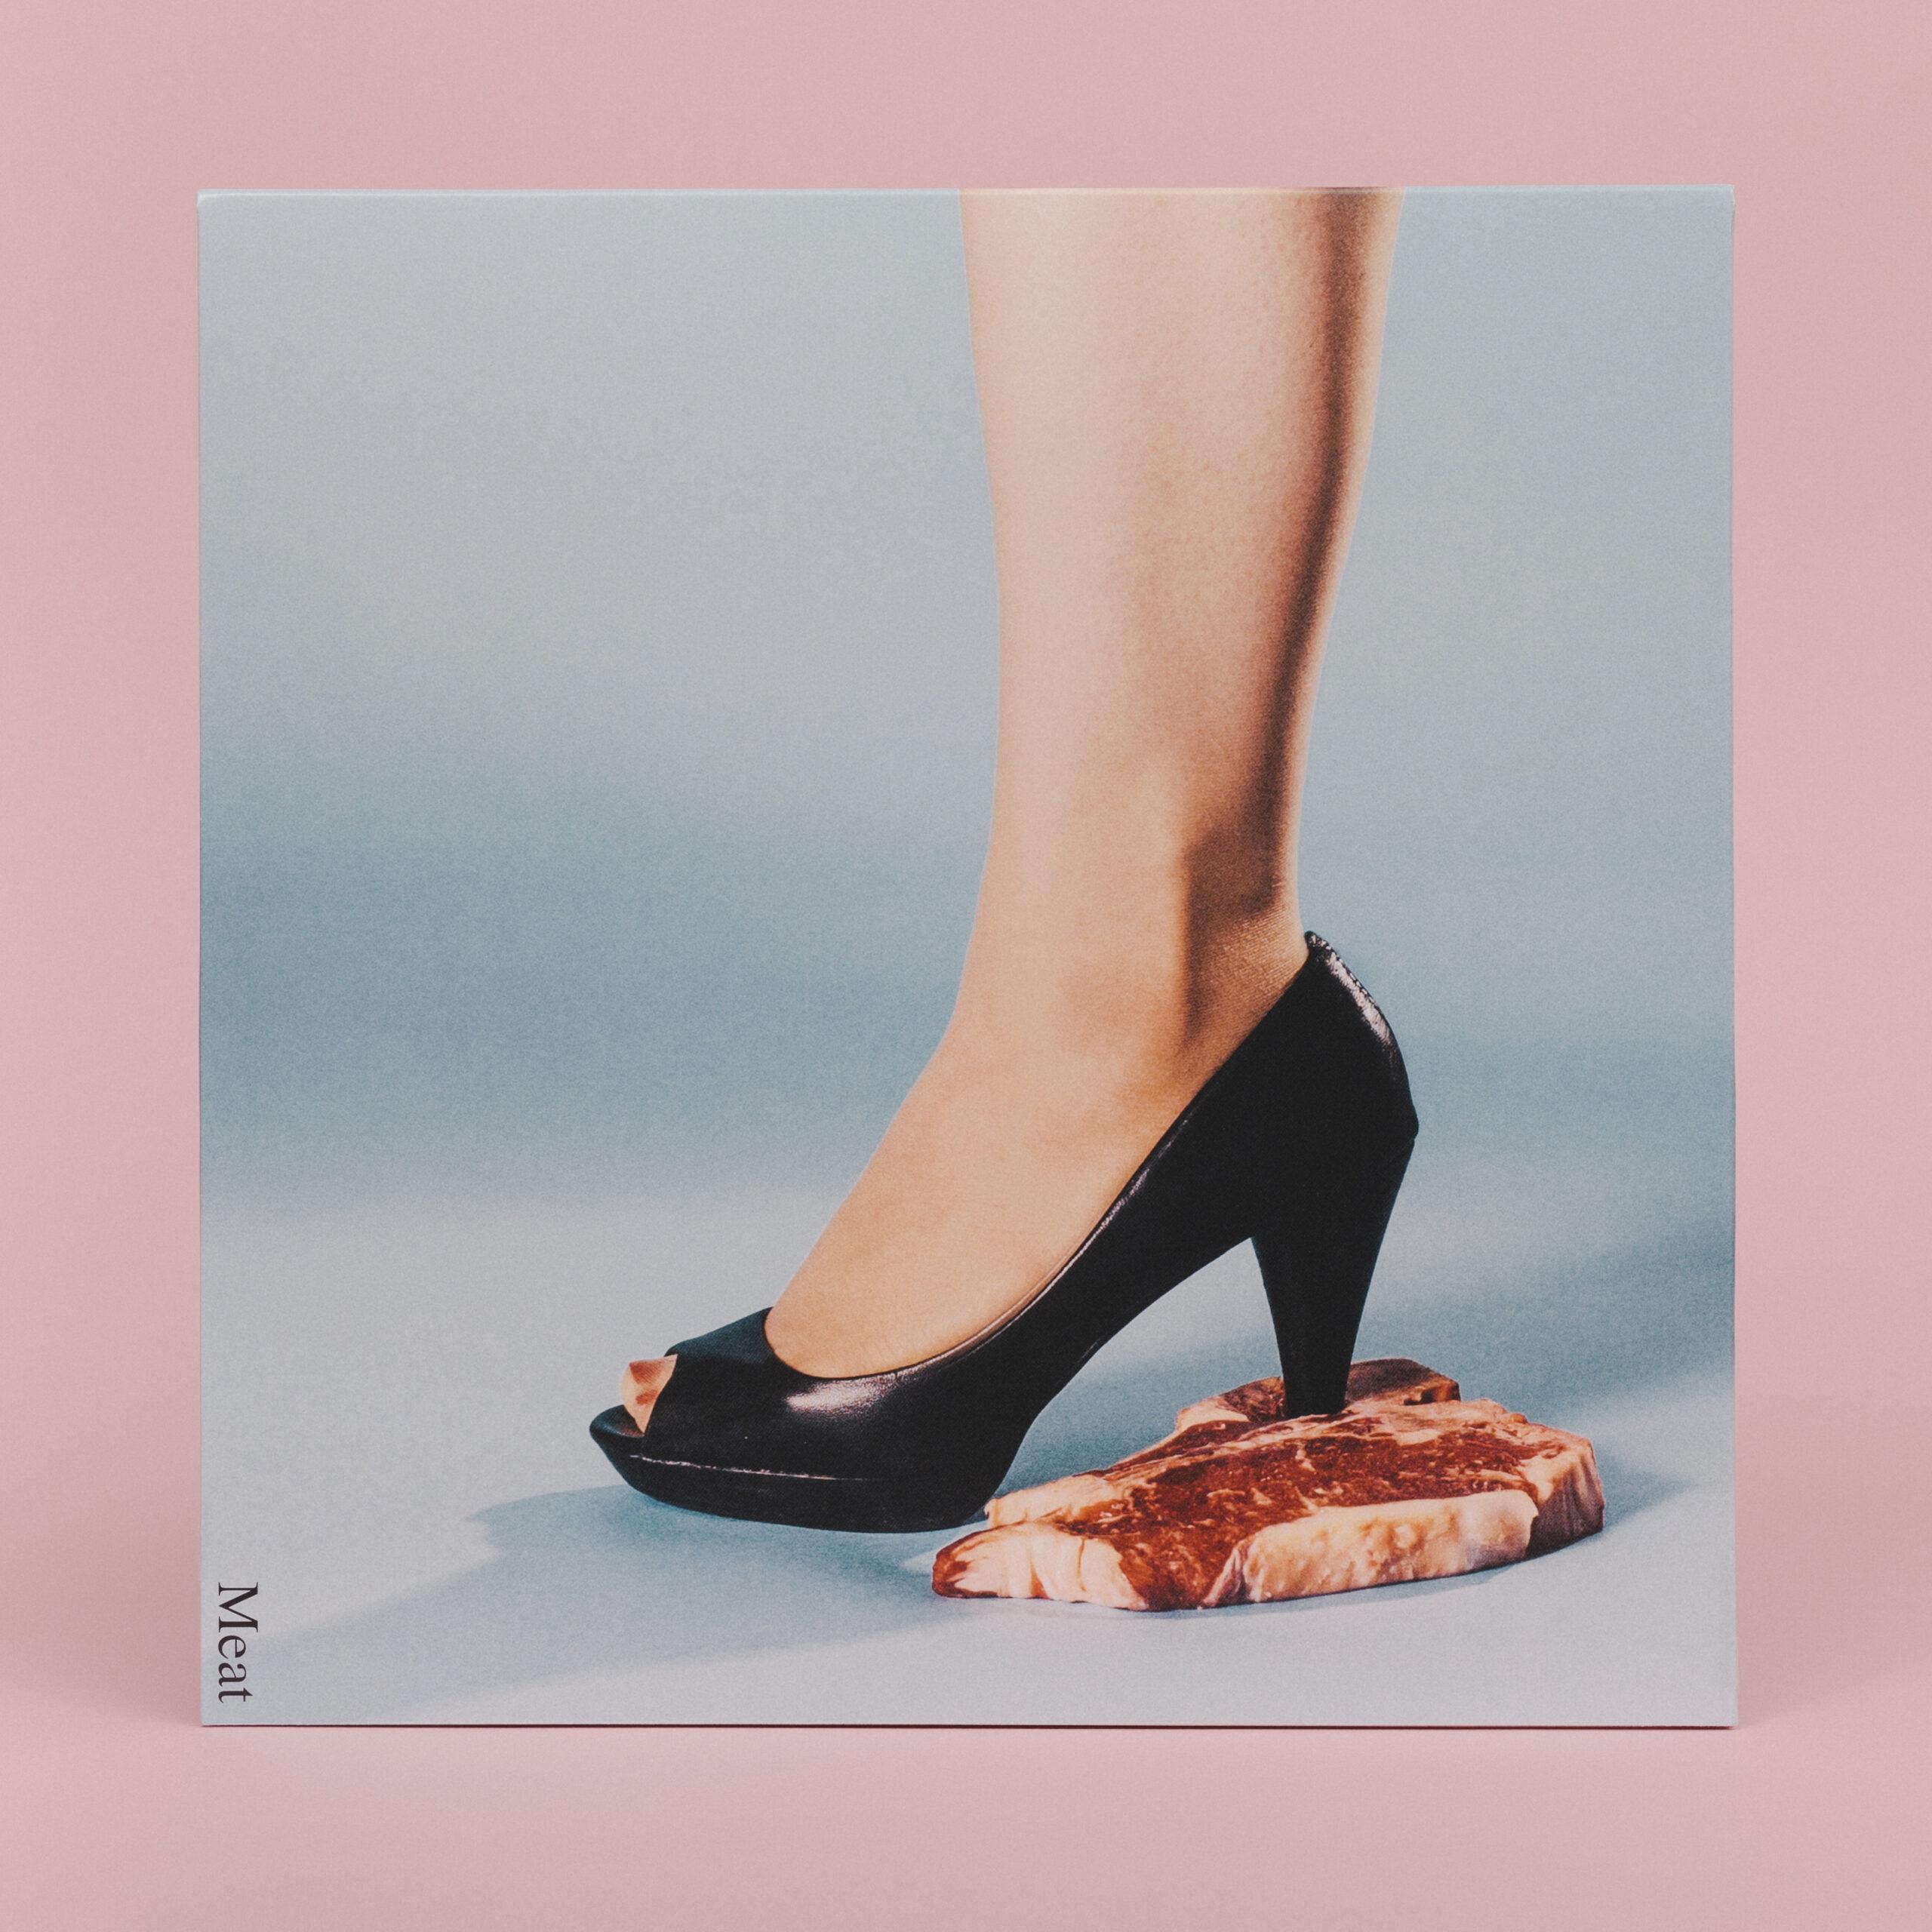 Ewoudt-Boonstra-Meat-Album